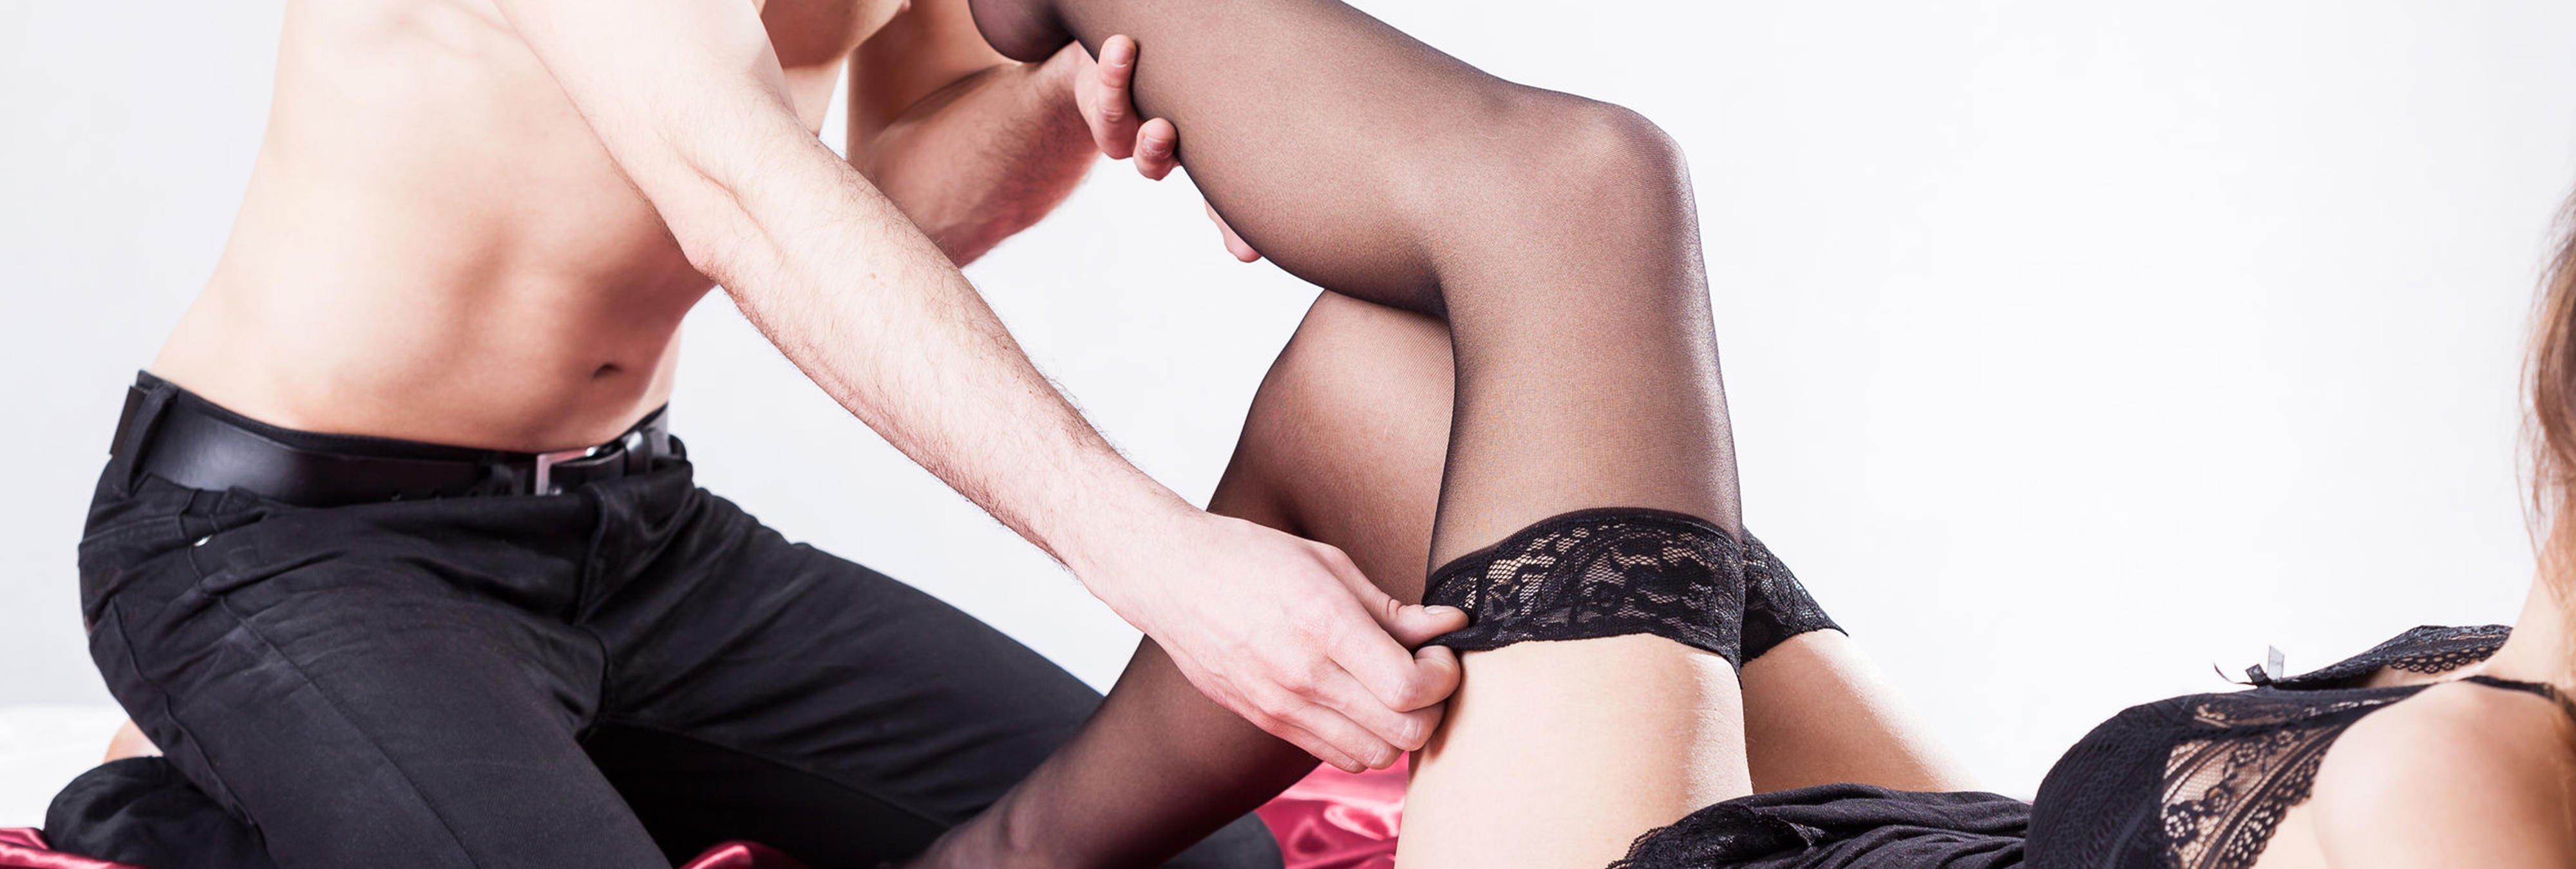 Navidad es la época del año en la que se tiene más sexo, según un estudio